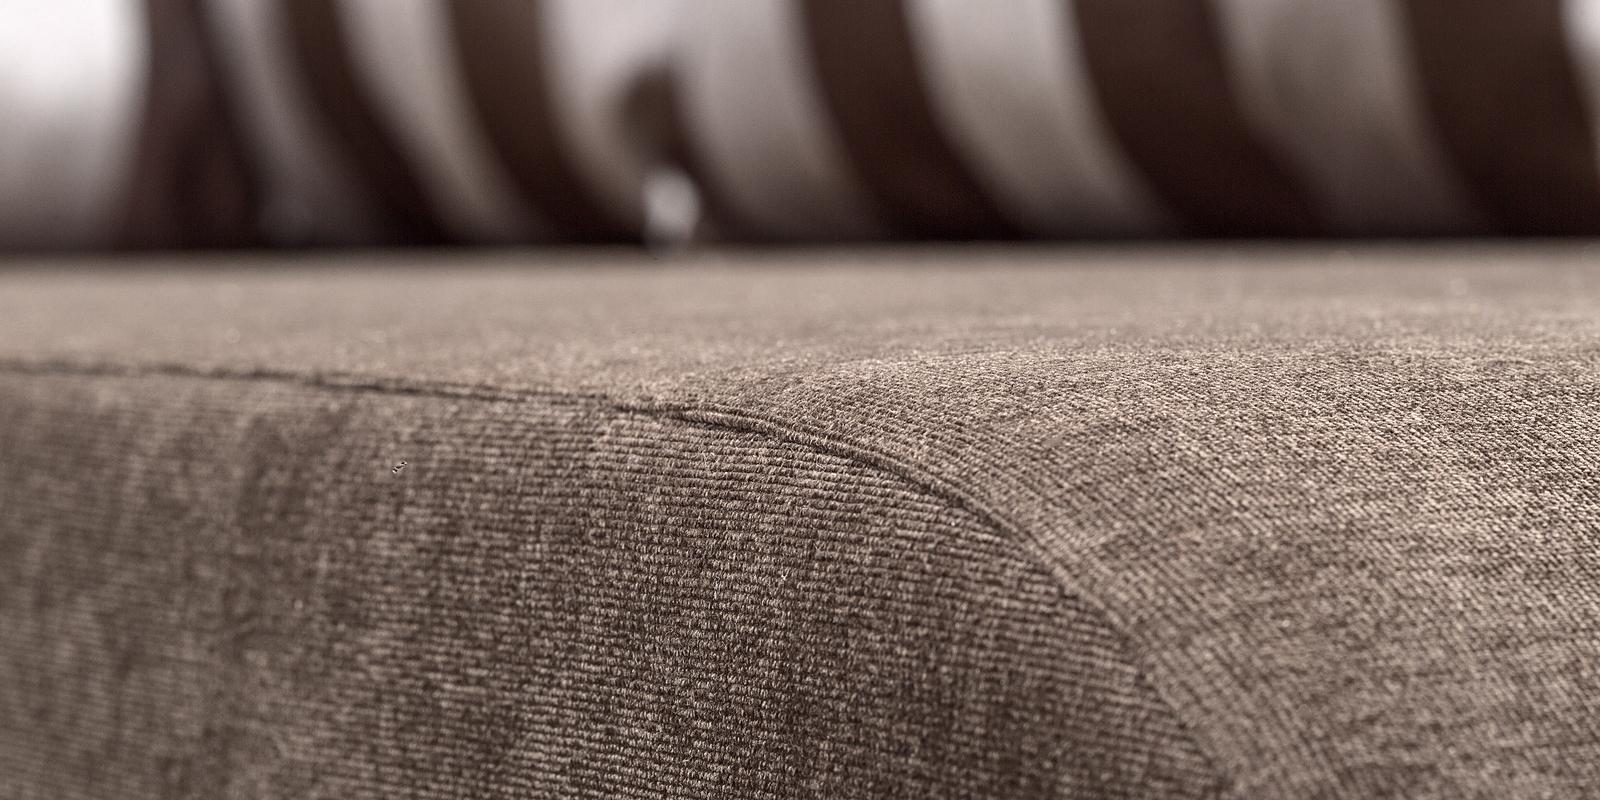 Диван тканевый угловой Нью-Йорк Stripe коричневый (Ткань + Экокожа, левый) от HomeMe.ru